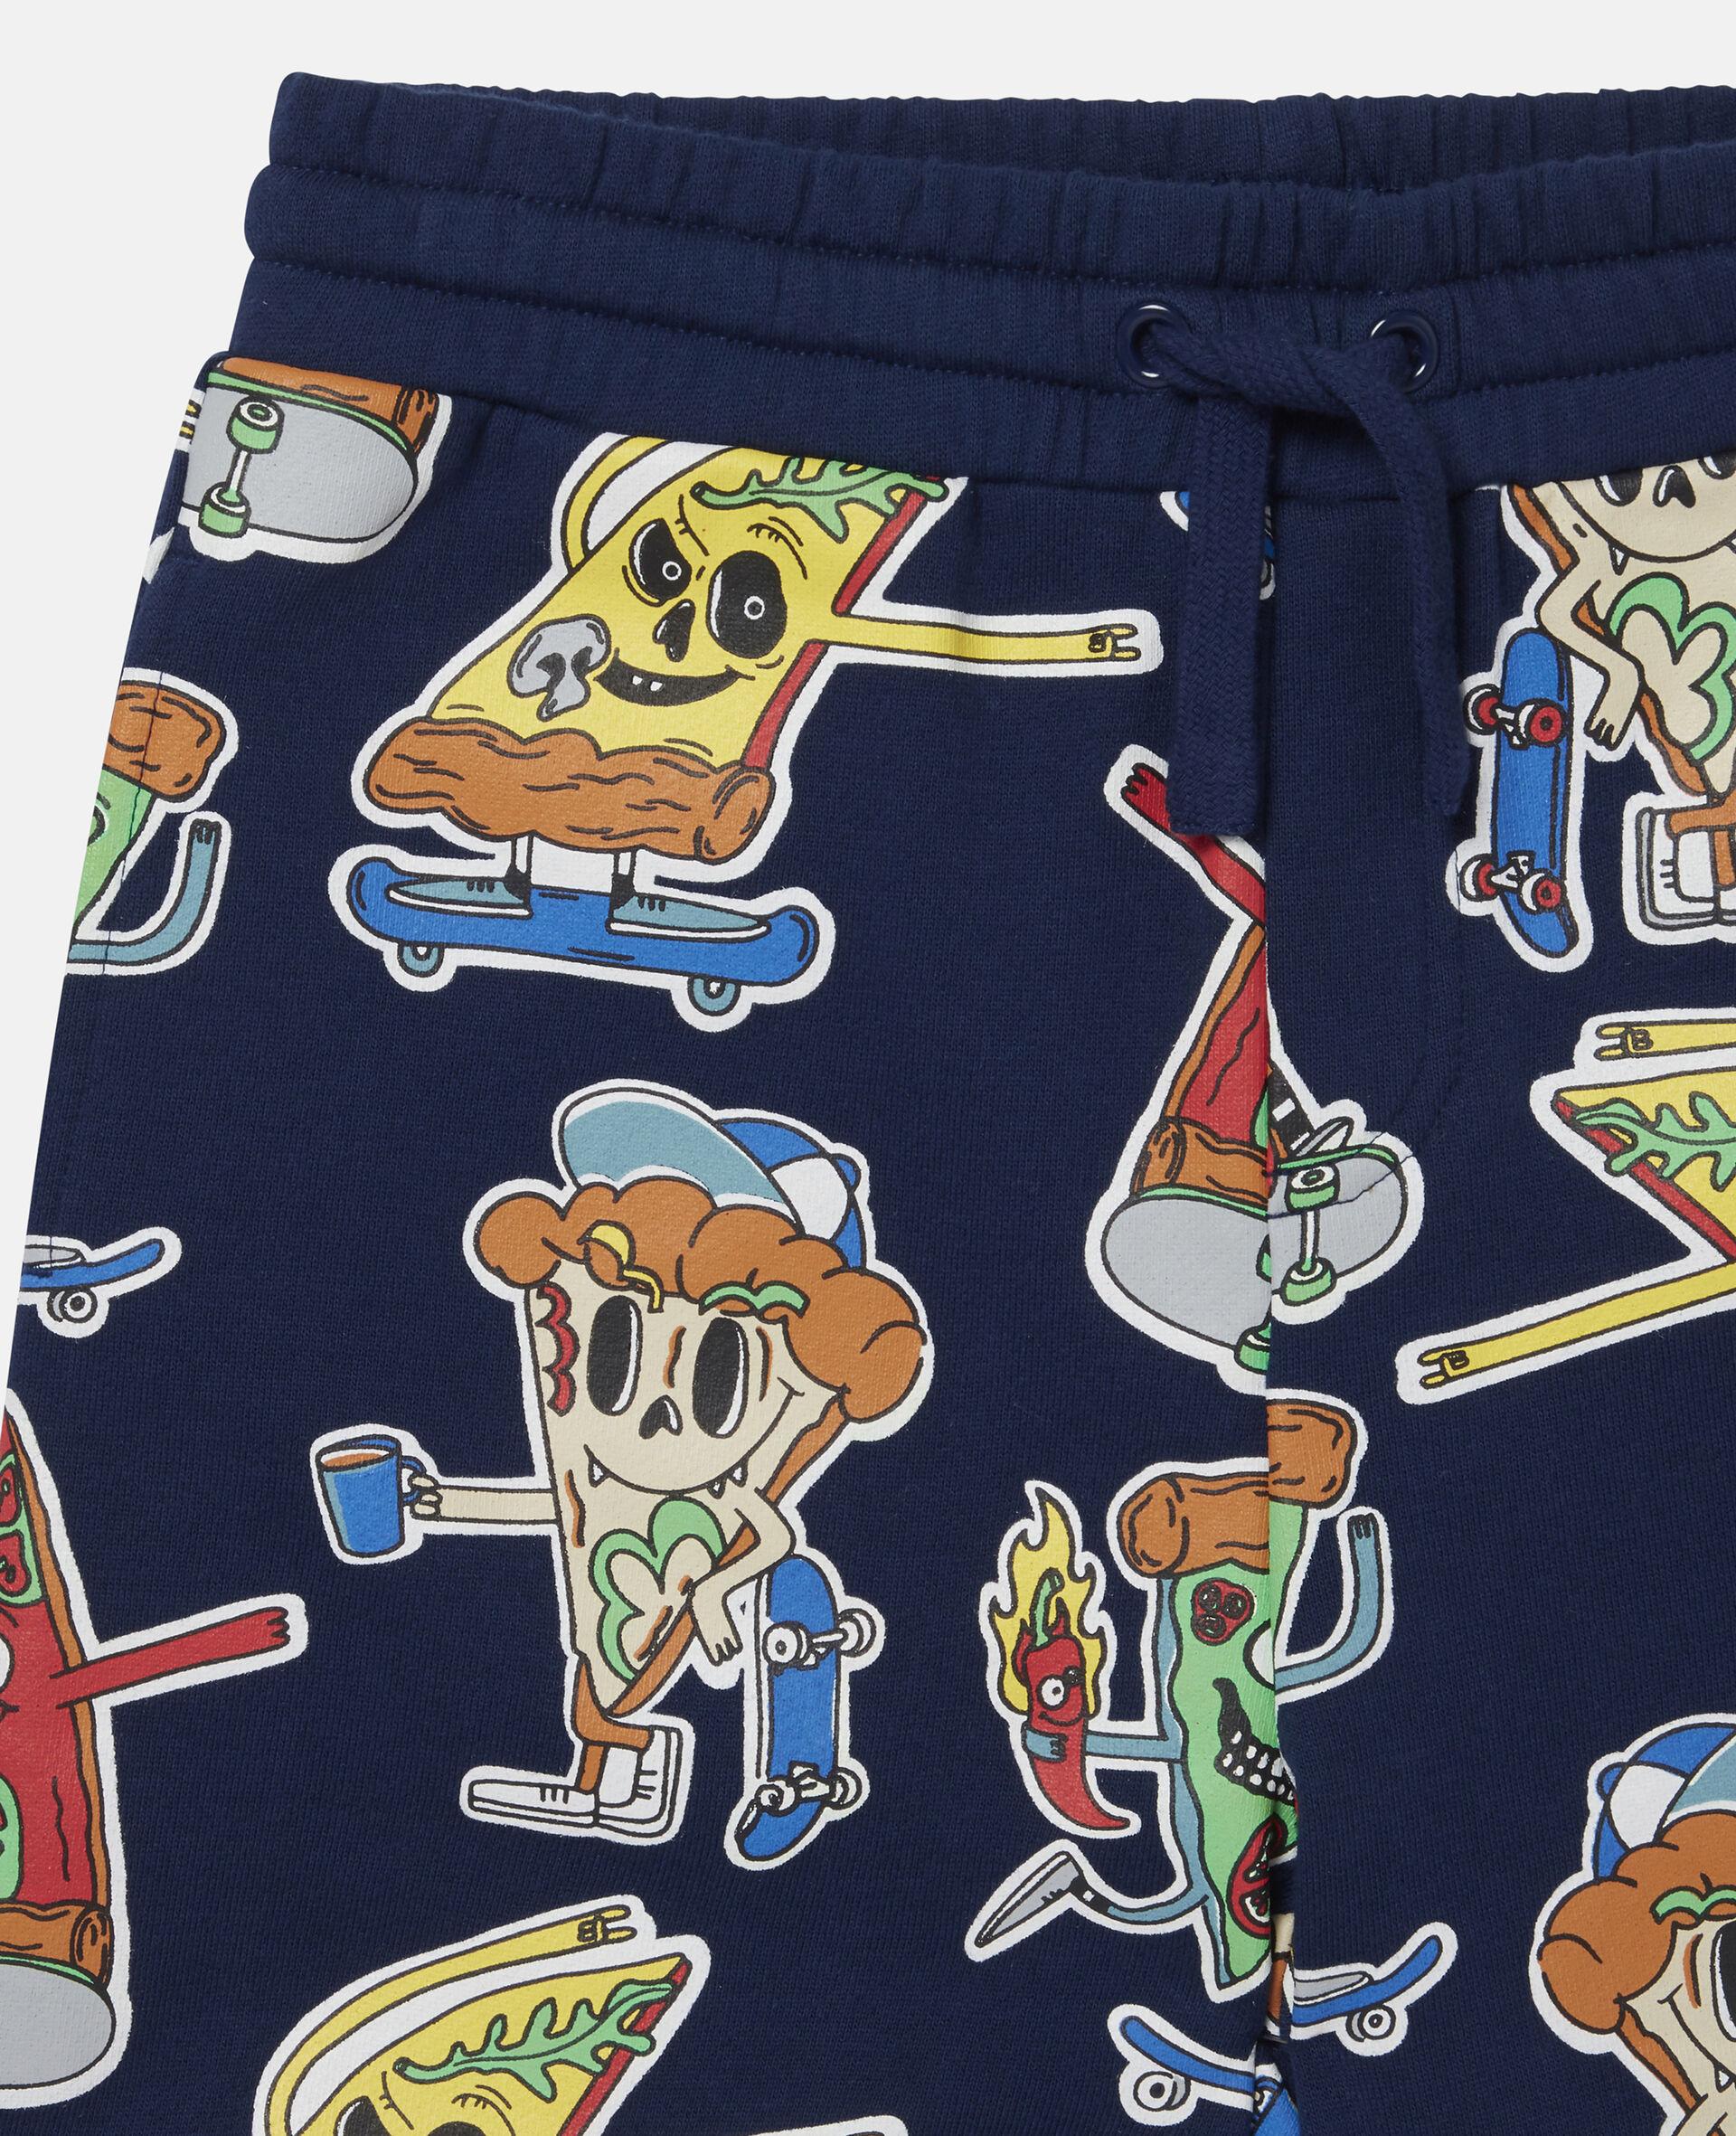 披萨滑板运动员印花抓绒短裤-蓝色-large image number 1